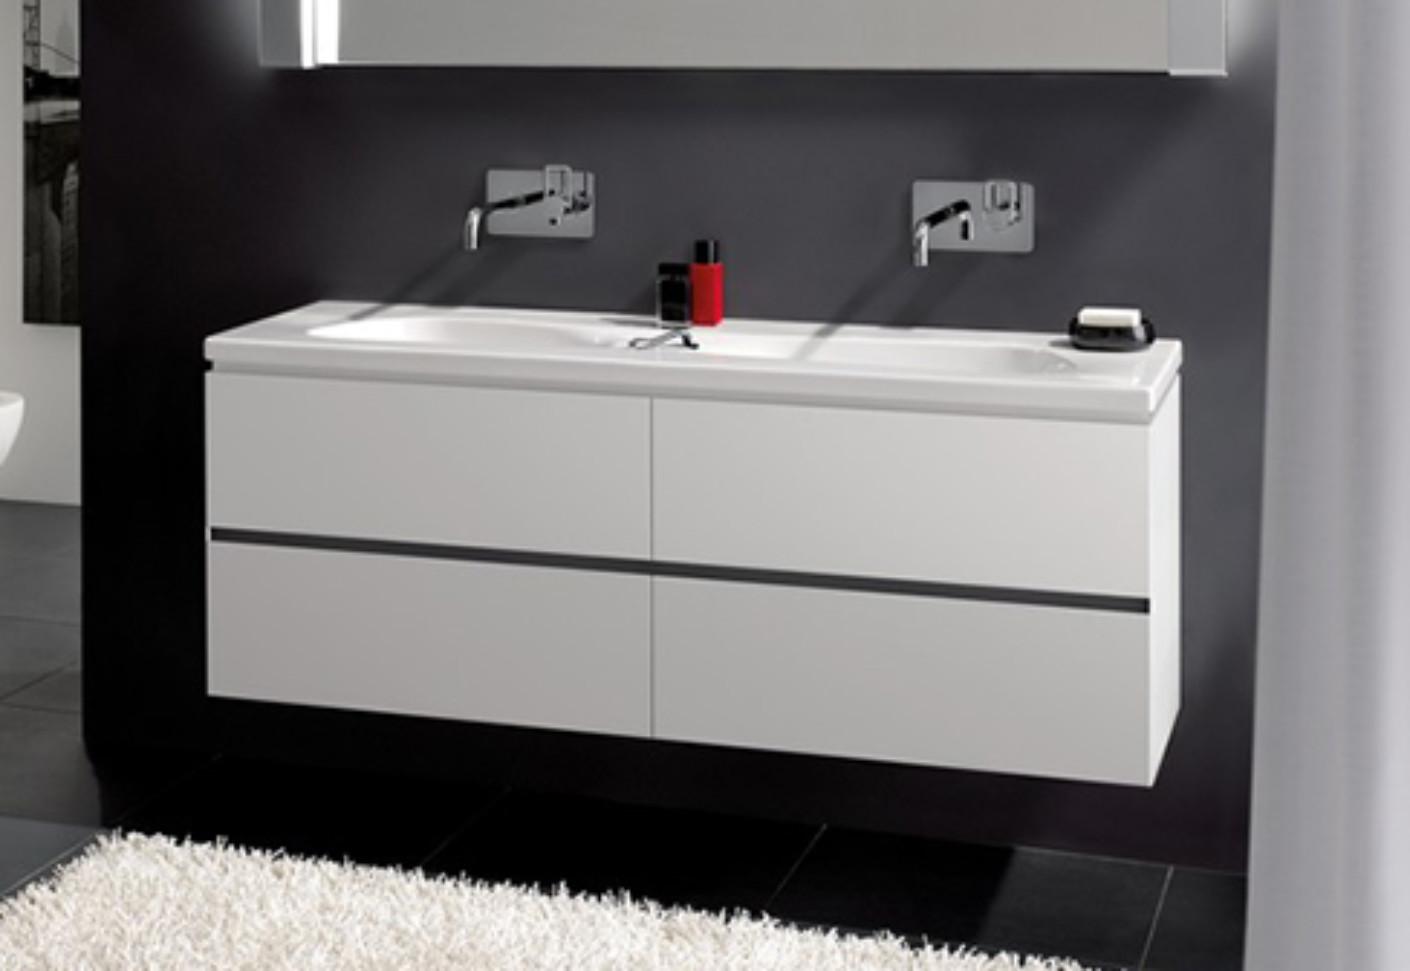 palomba waschtischunterbau mit zwei schubladen von laufen. Black Bedroom Furniture Sets. Home Design Ideas